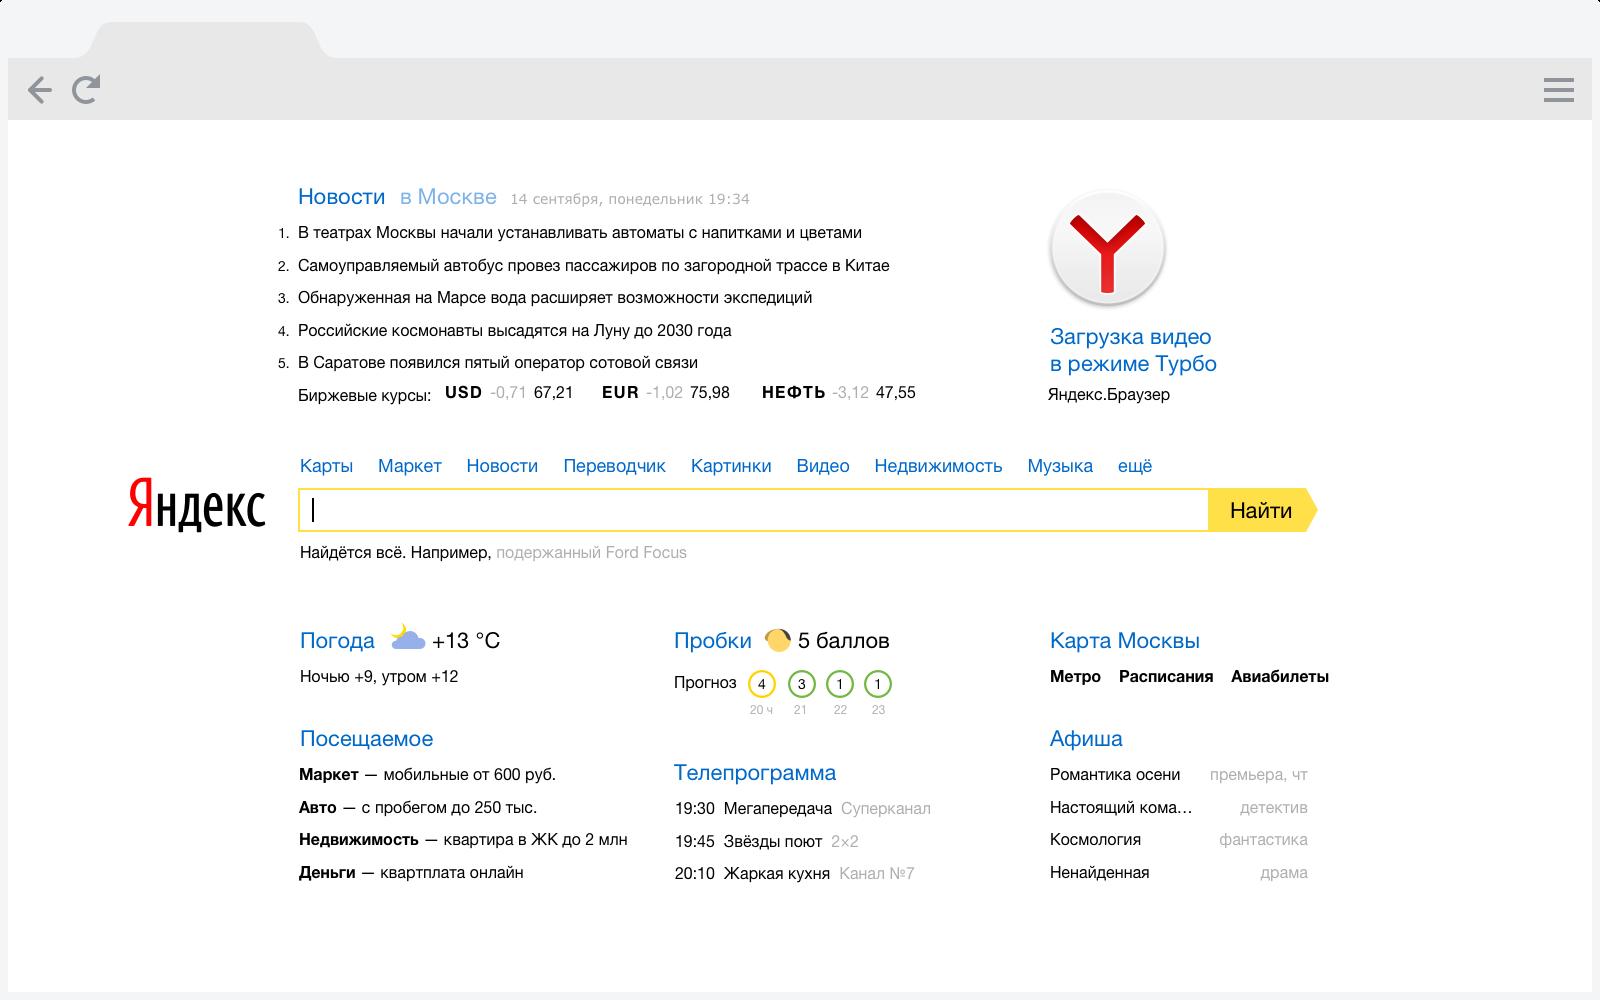 Выбрать поиск по умолчанию Яндекс. Браузер (классический интерфейс) 30